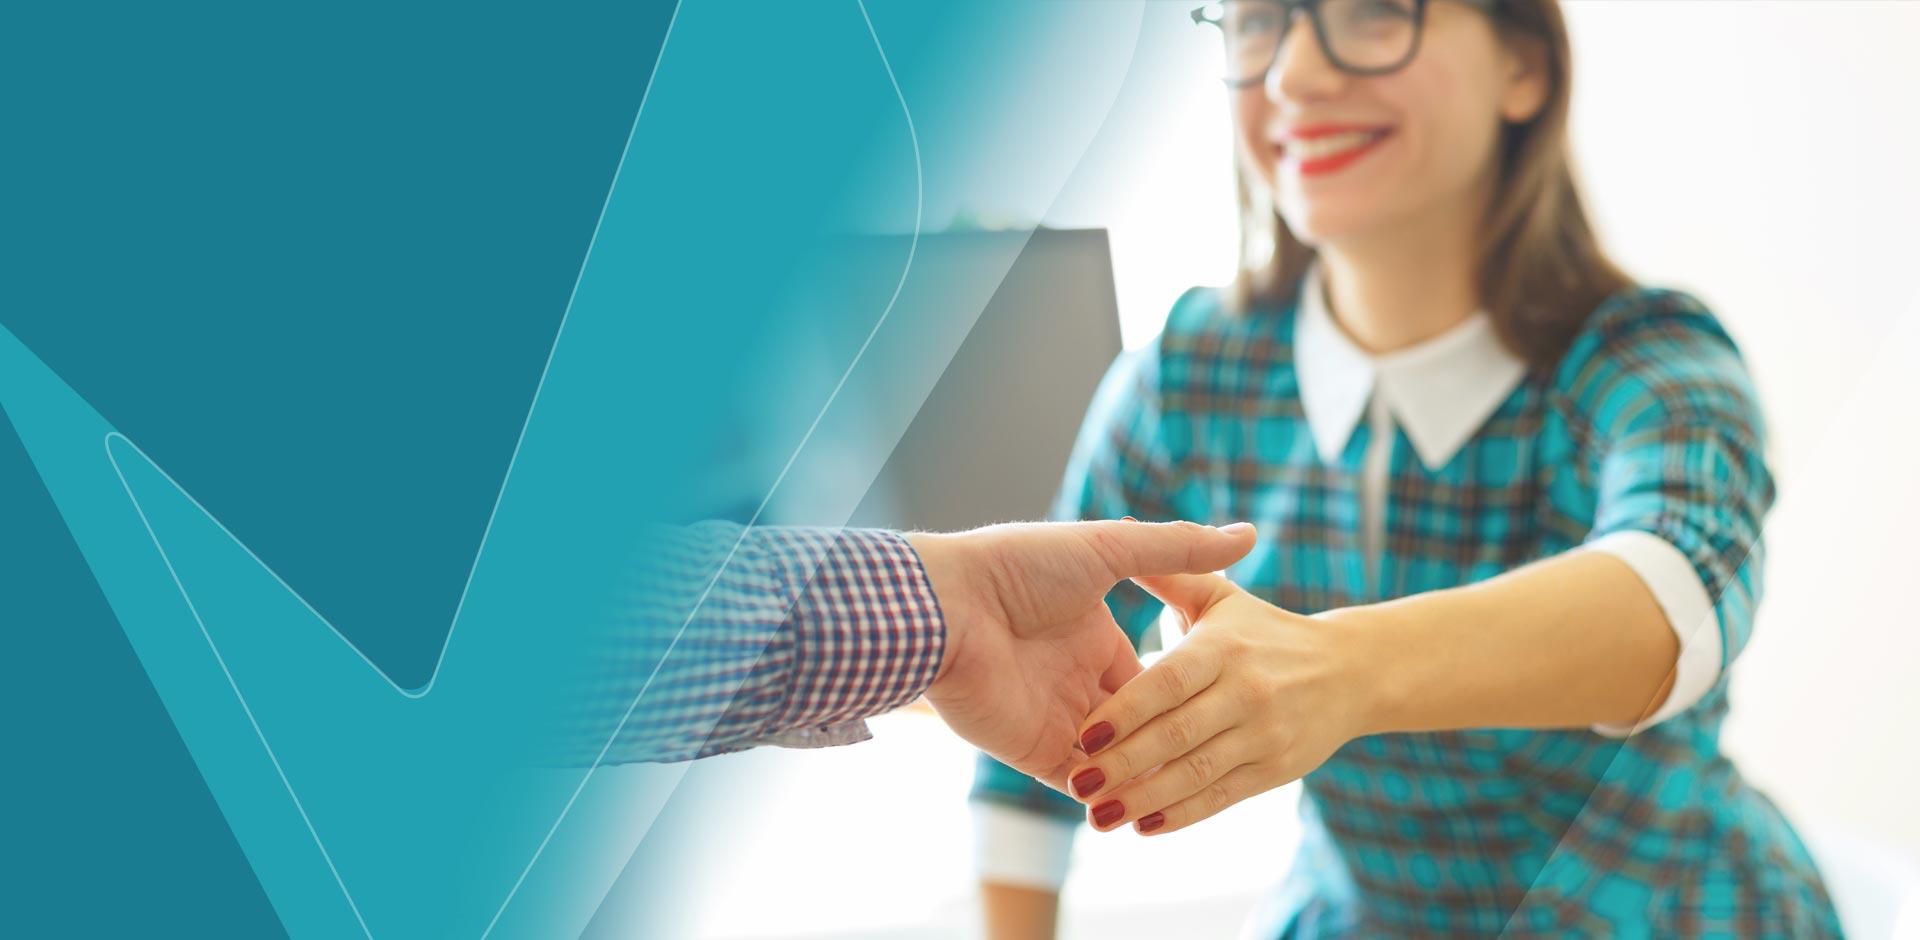 Corso comunicazione assertiva e relazioni efficaci Collegio A.Volta di Lecco